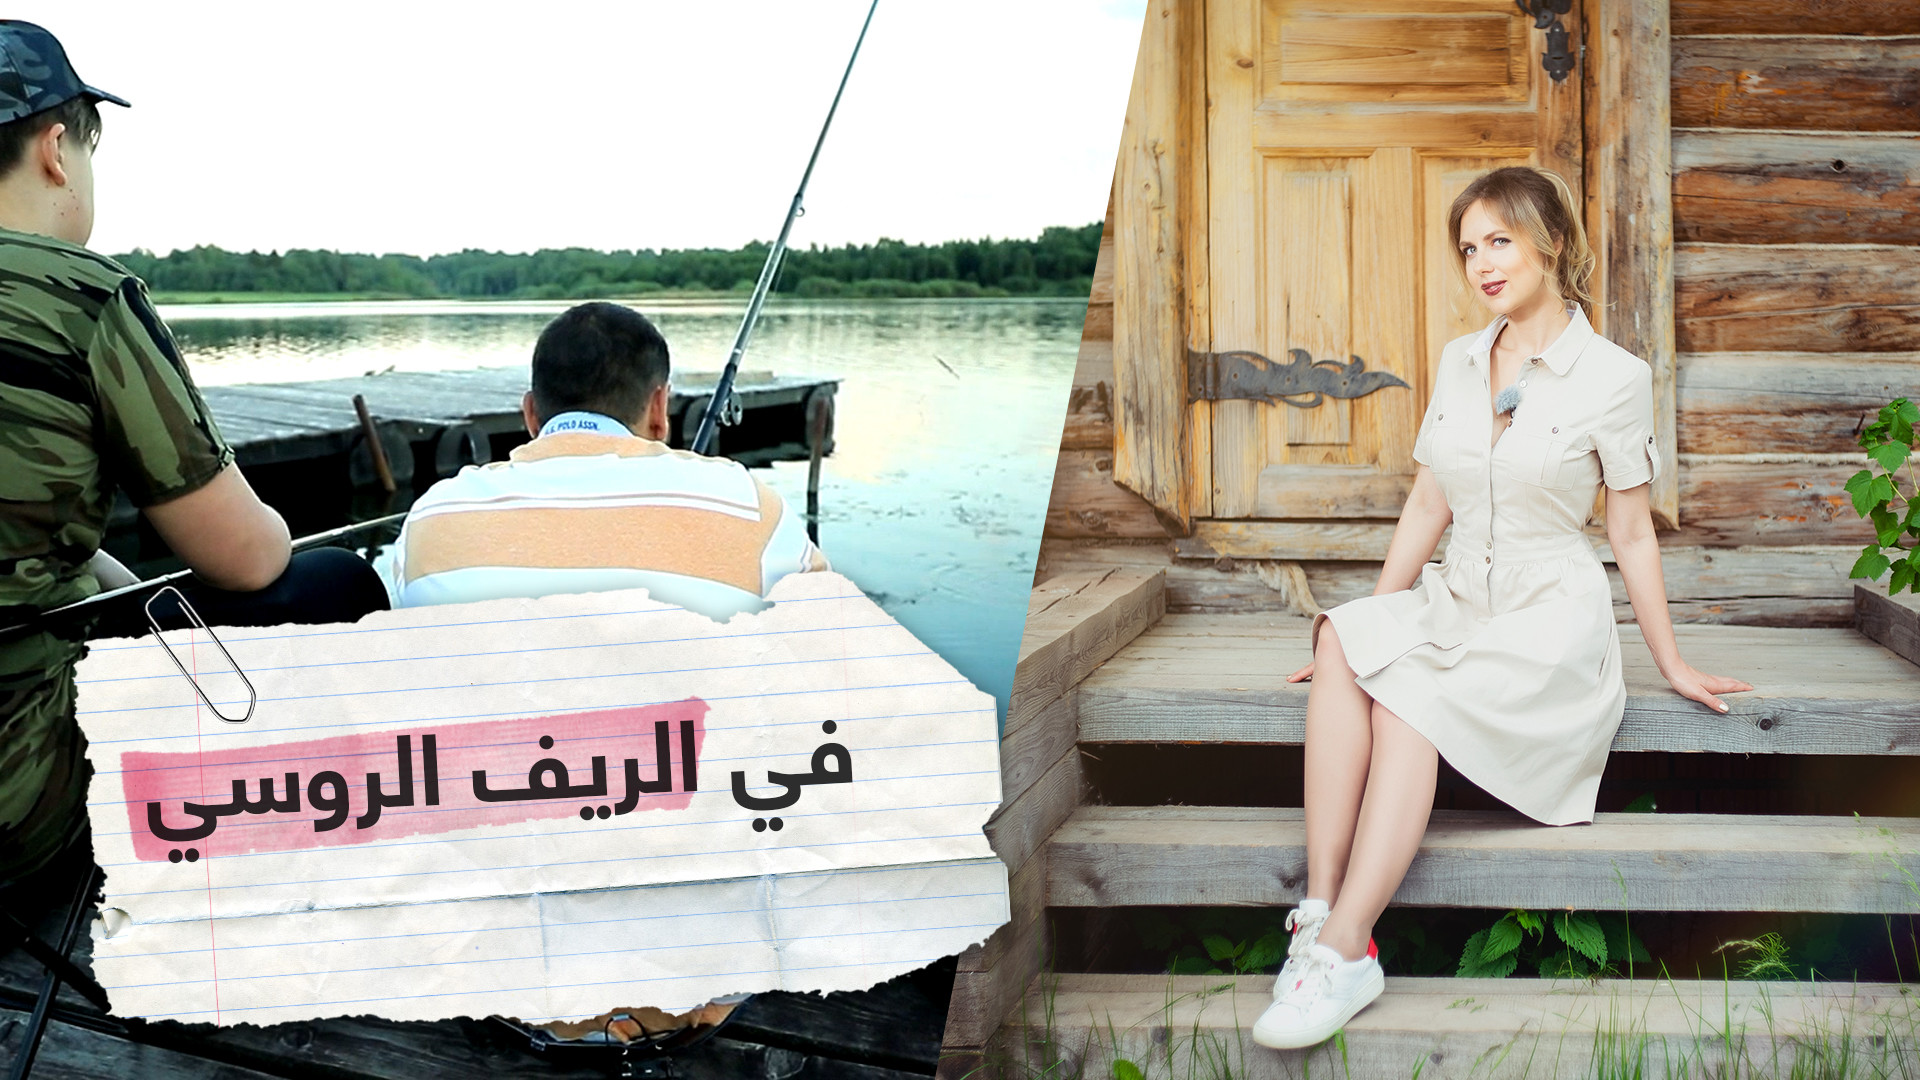 من يملك المهارات في الصيد أكثر: عربي أم روسي؟